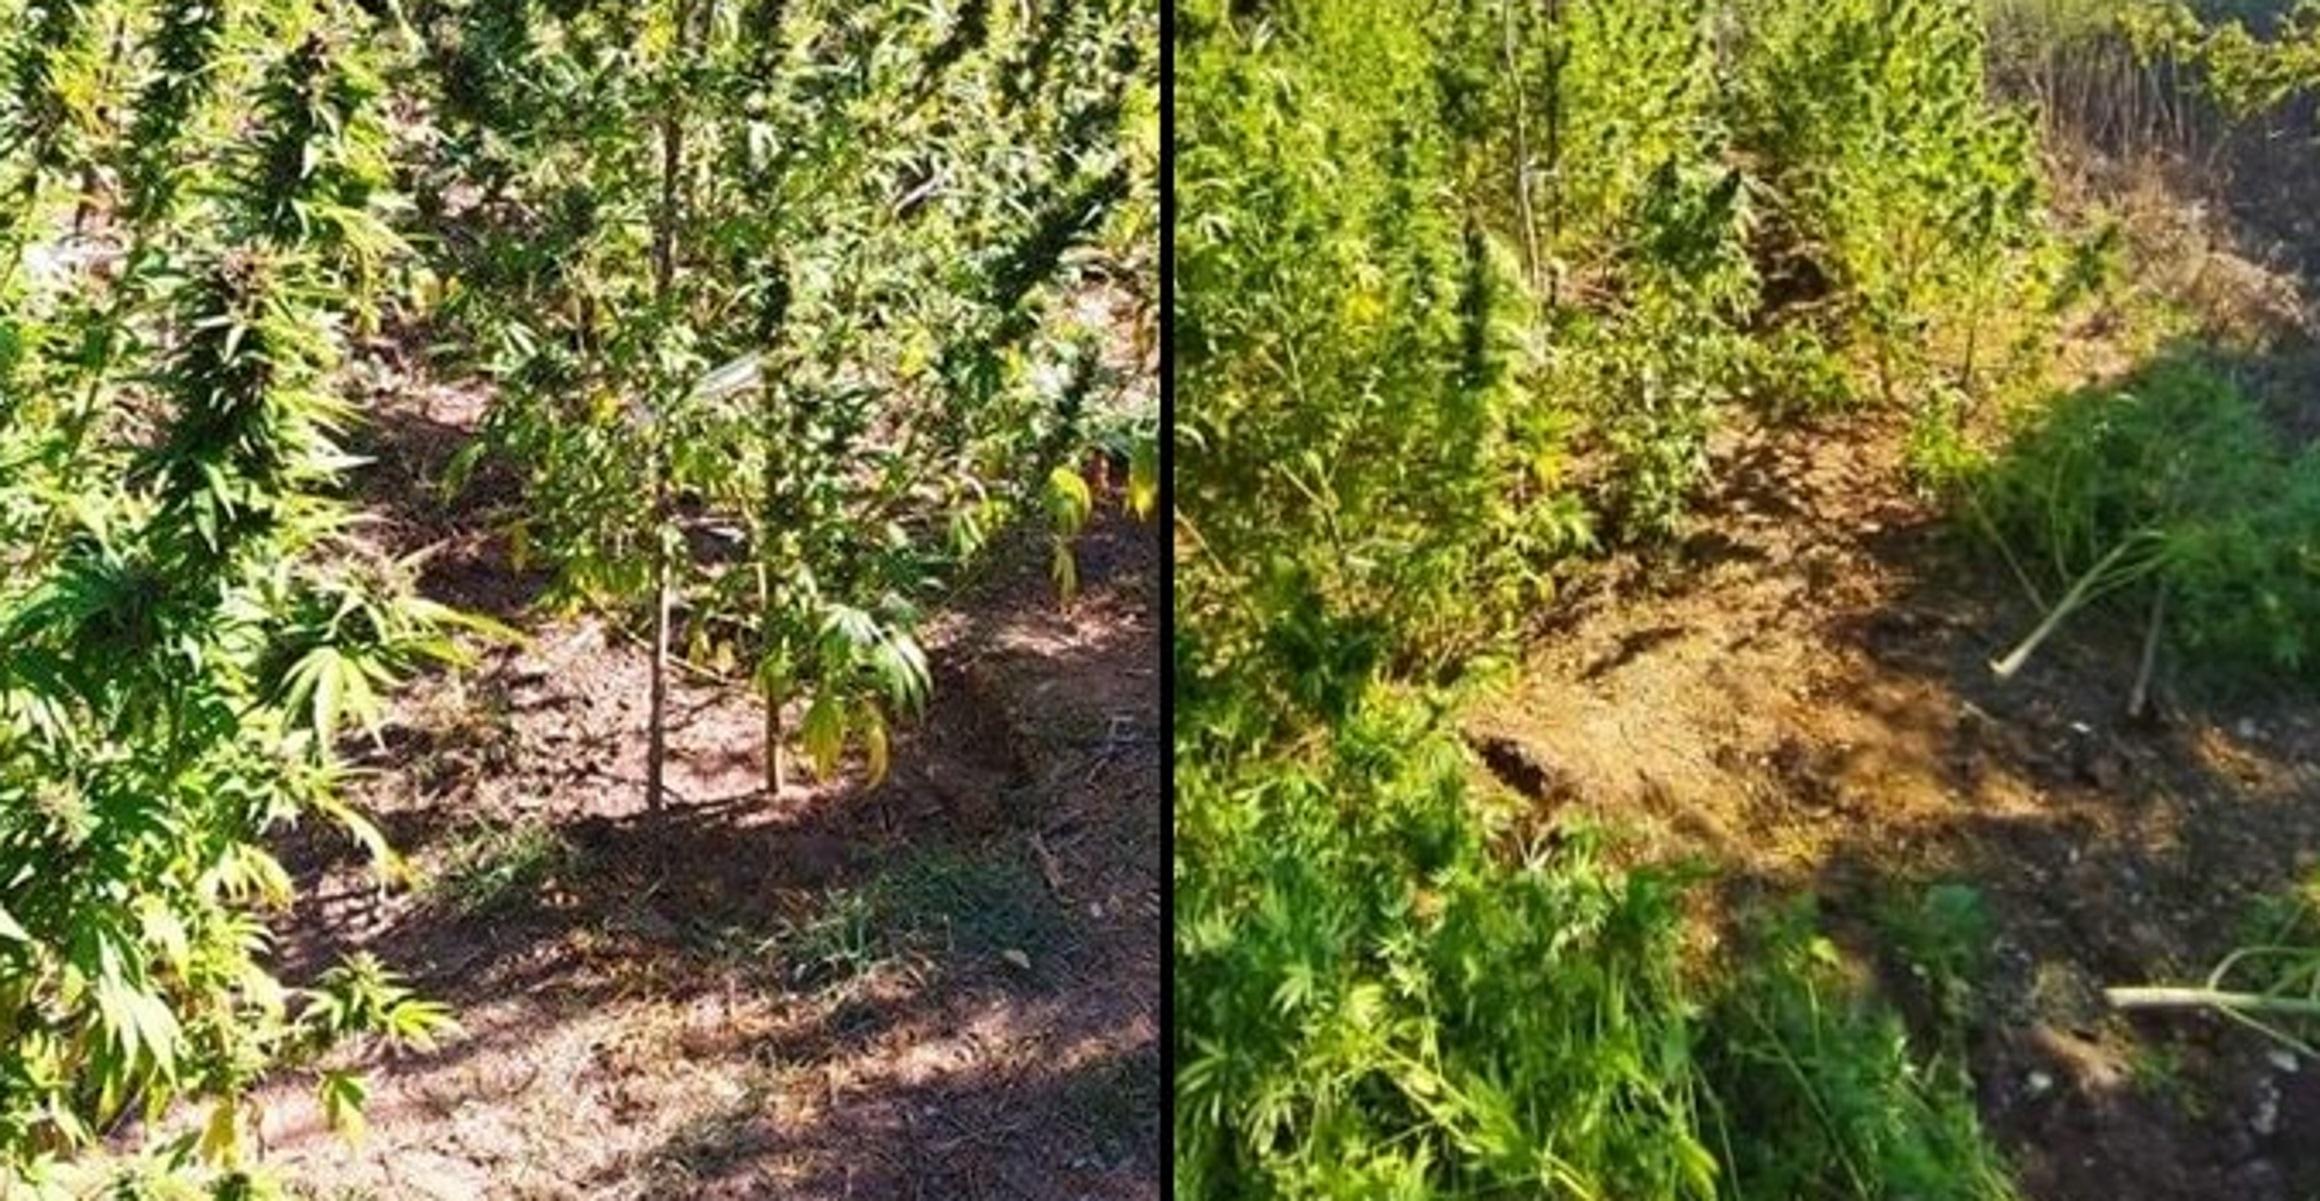 Εύβοια: Καλλιεργούσαν πάνω από 100 χασισόδεντρα που έφταναν και τα 3 μέτρα ύψος